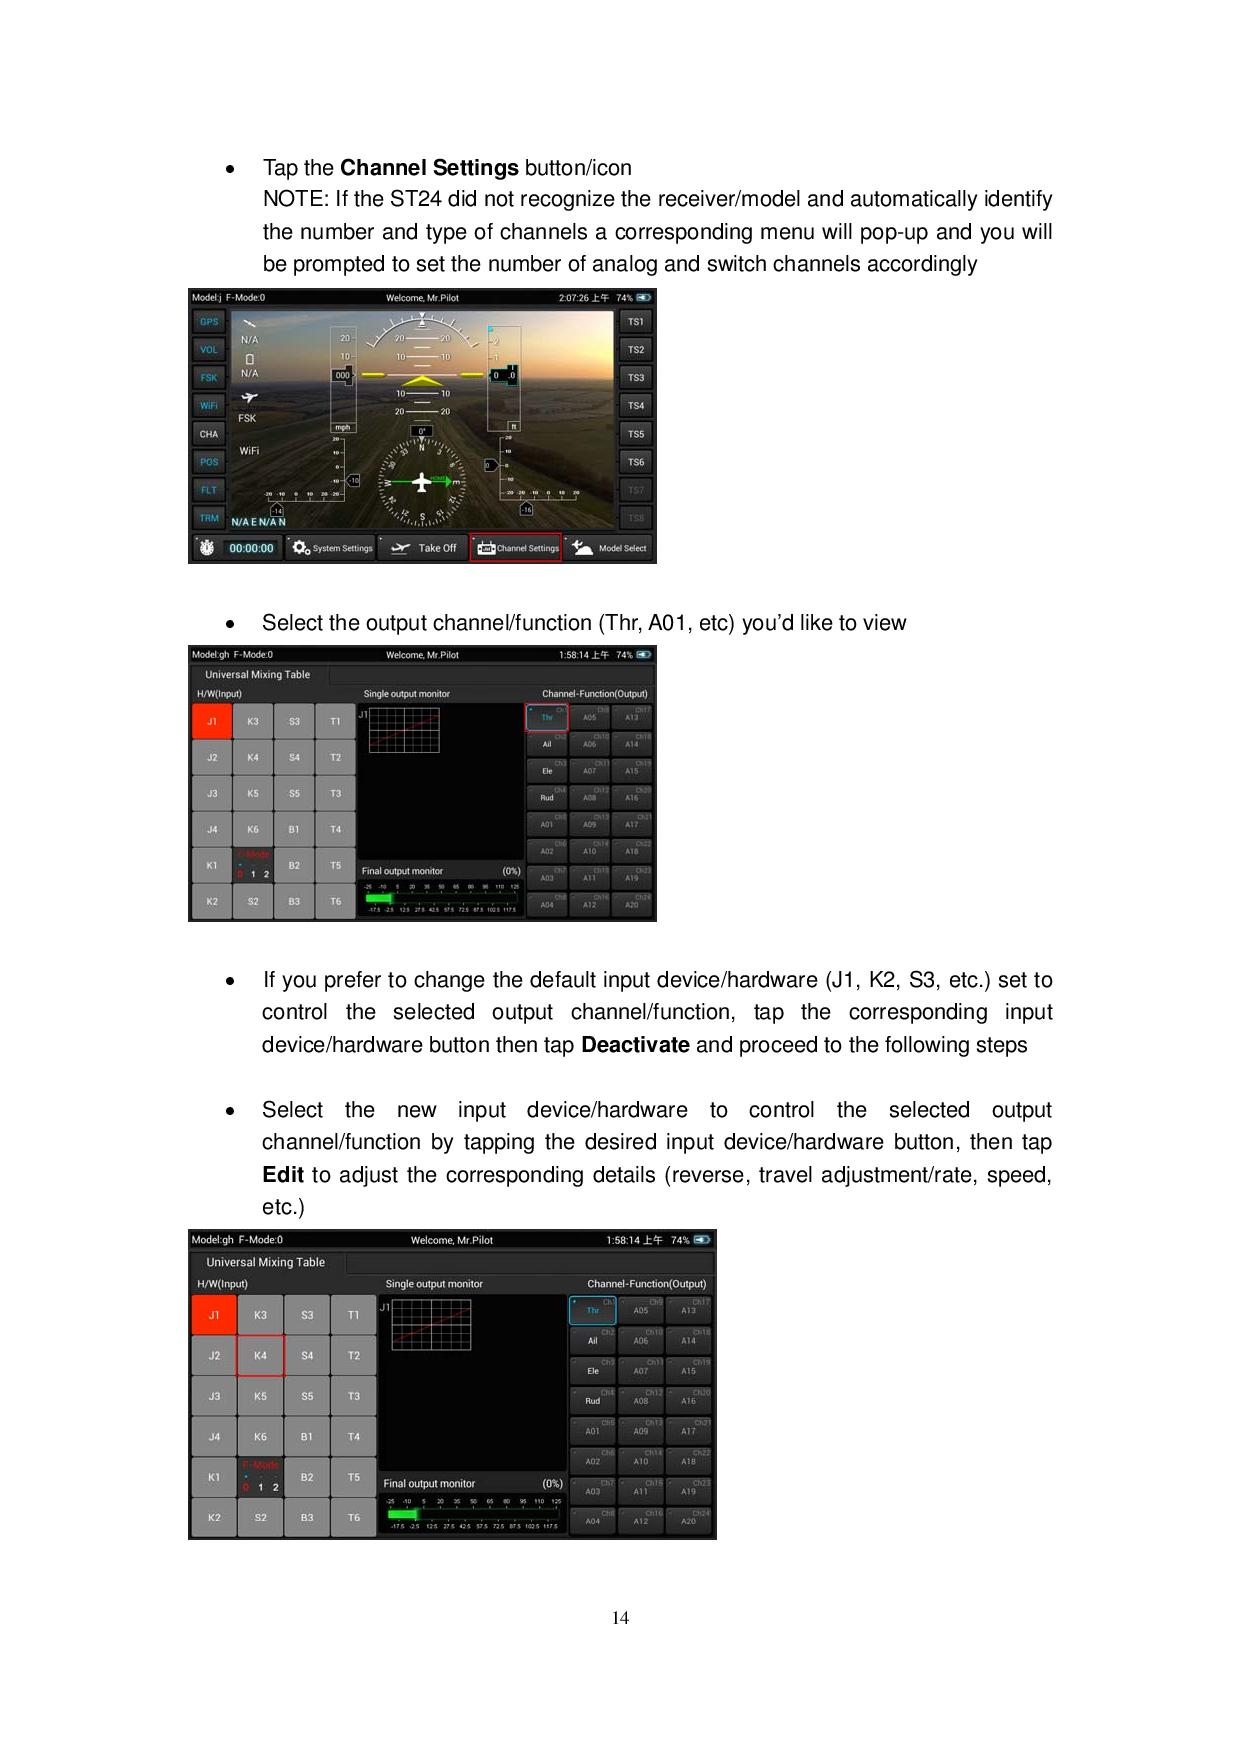 FCCID.NET-2301184-page-014.jpg